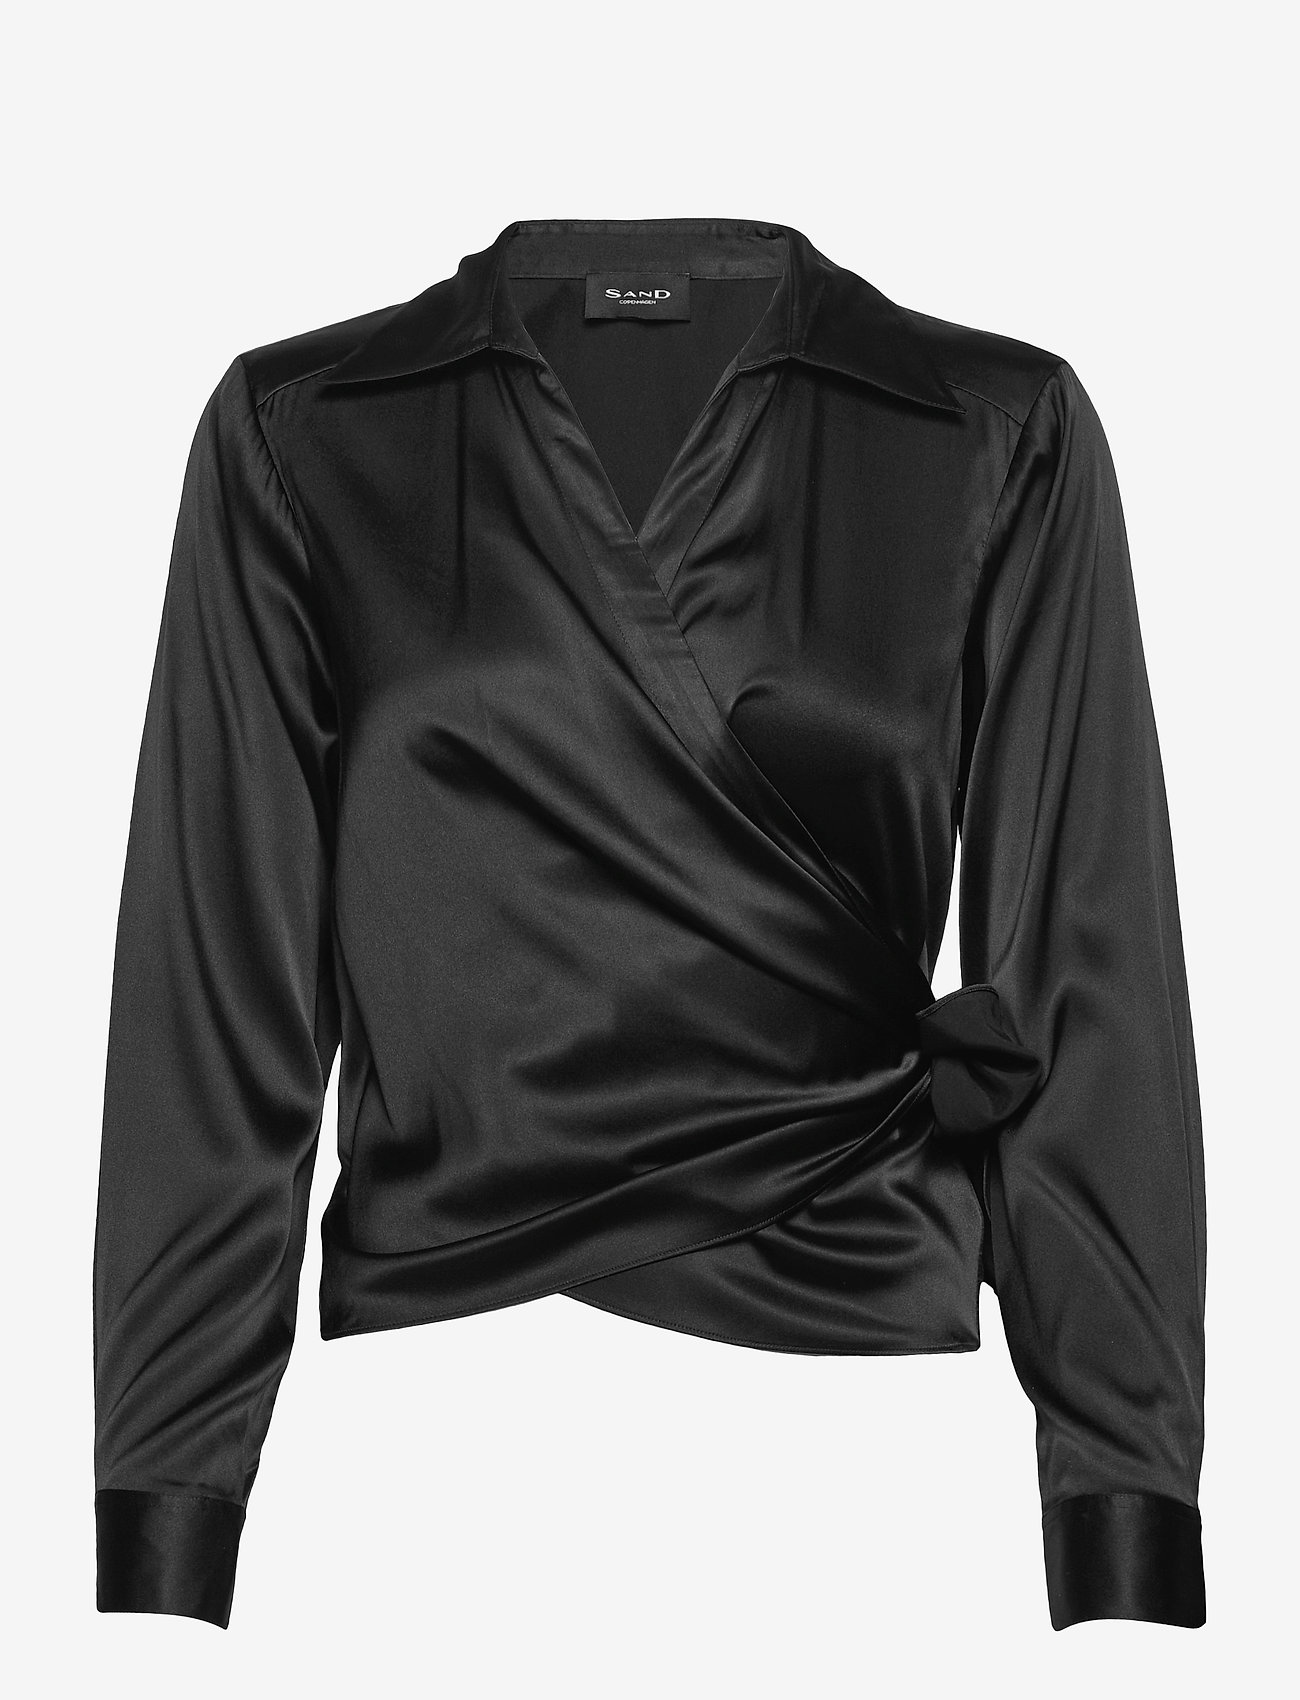 SAND - 3176 - Wrap - blouses met lange mouwen - black - 0